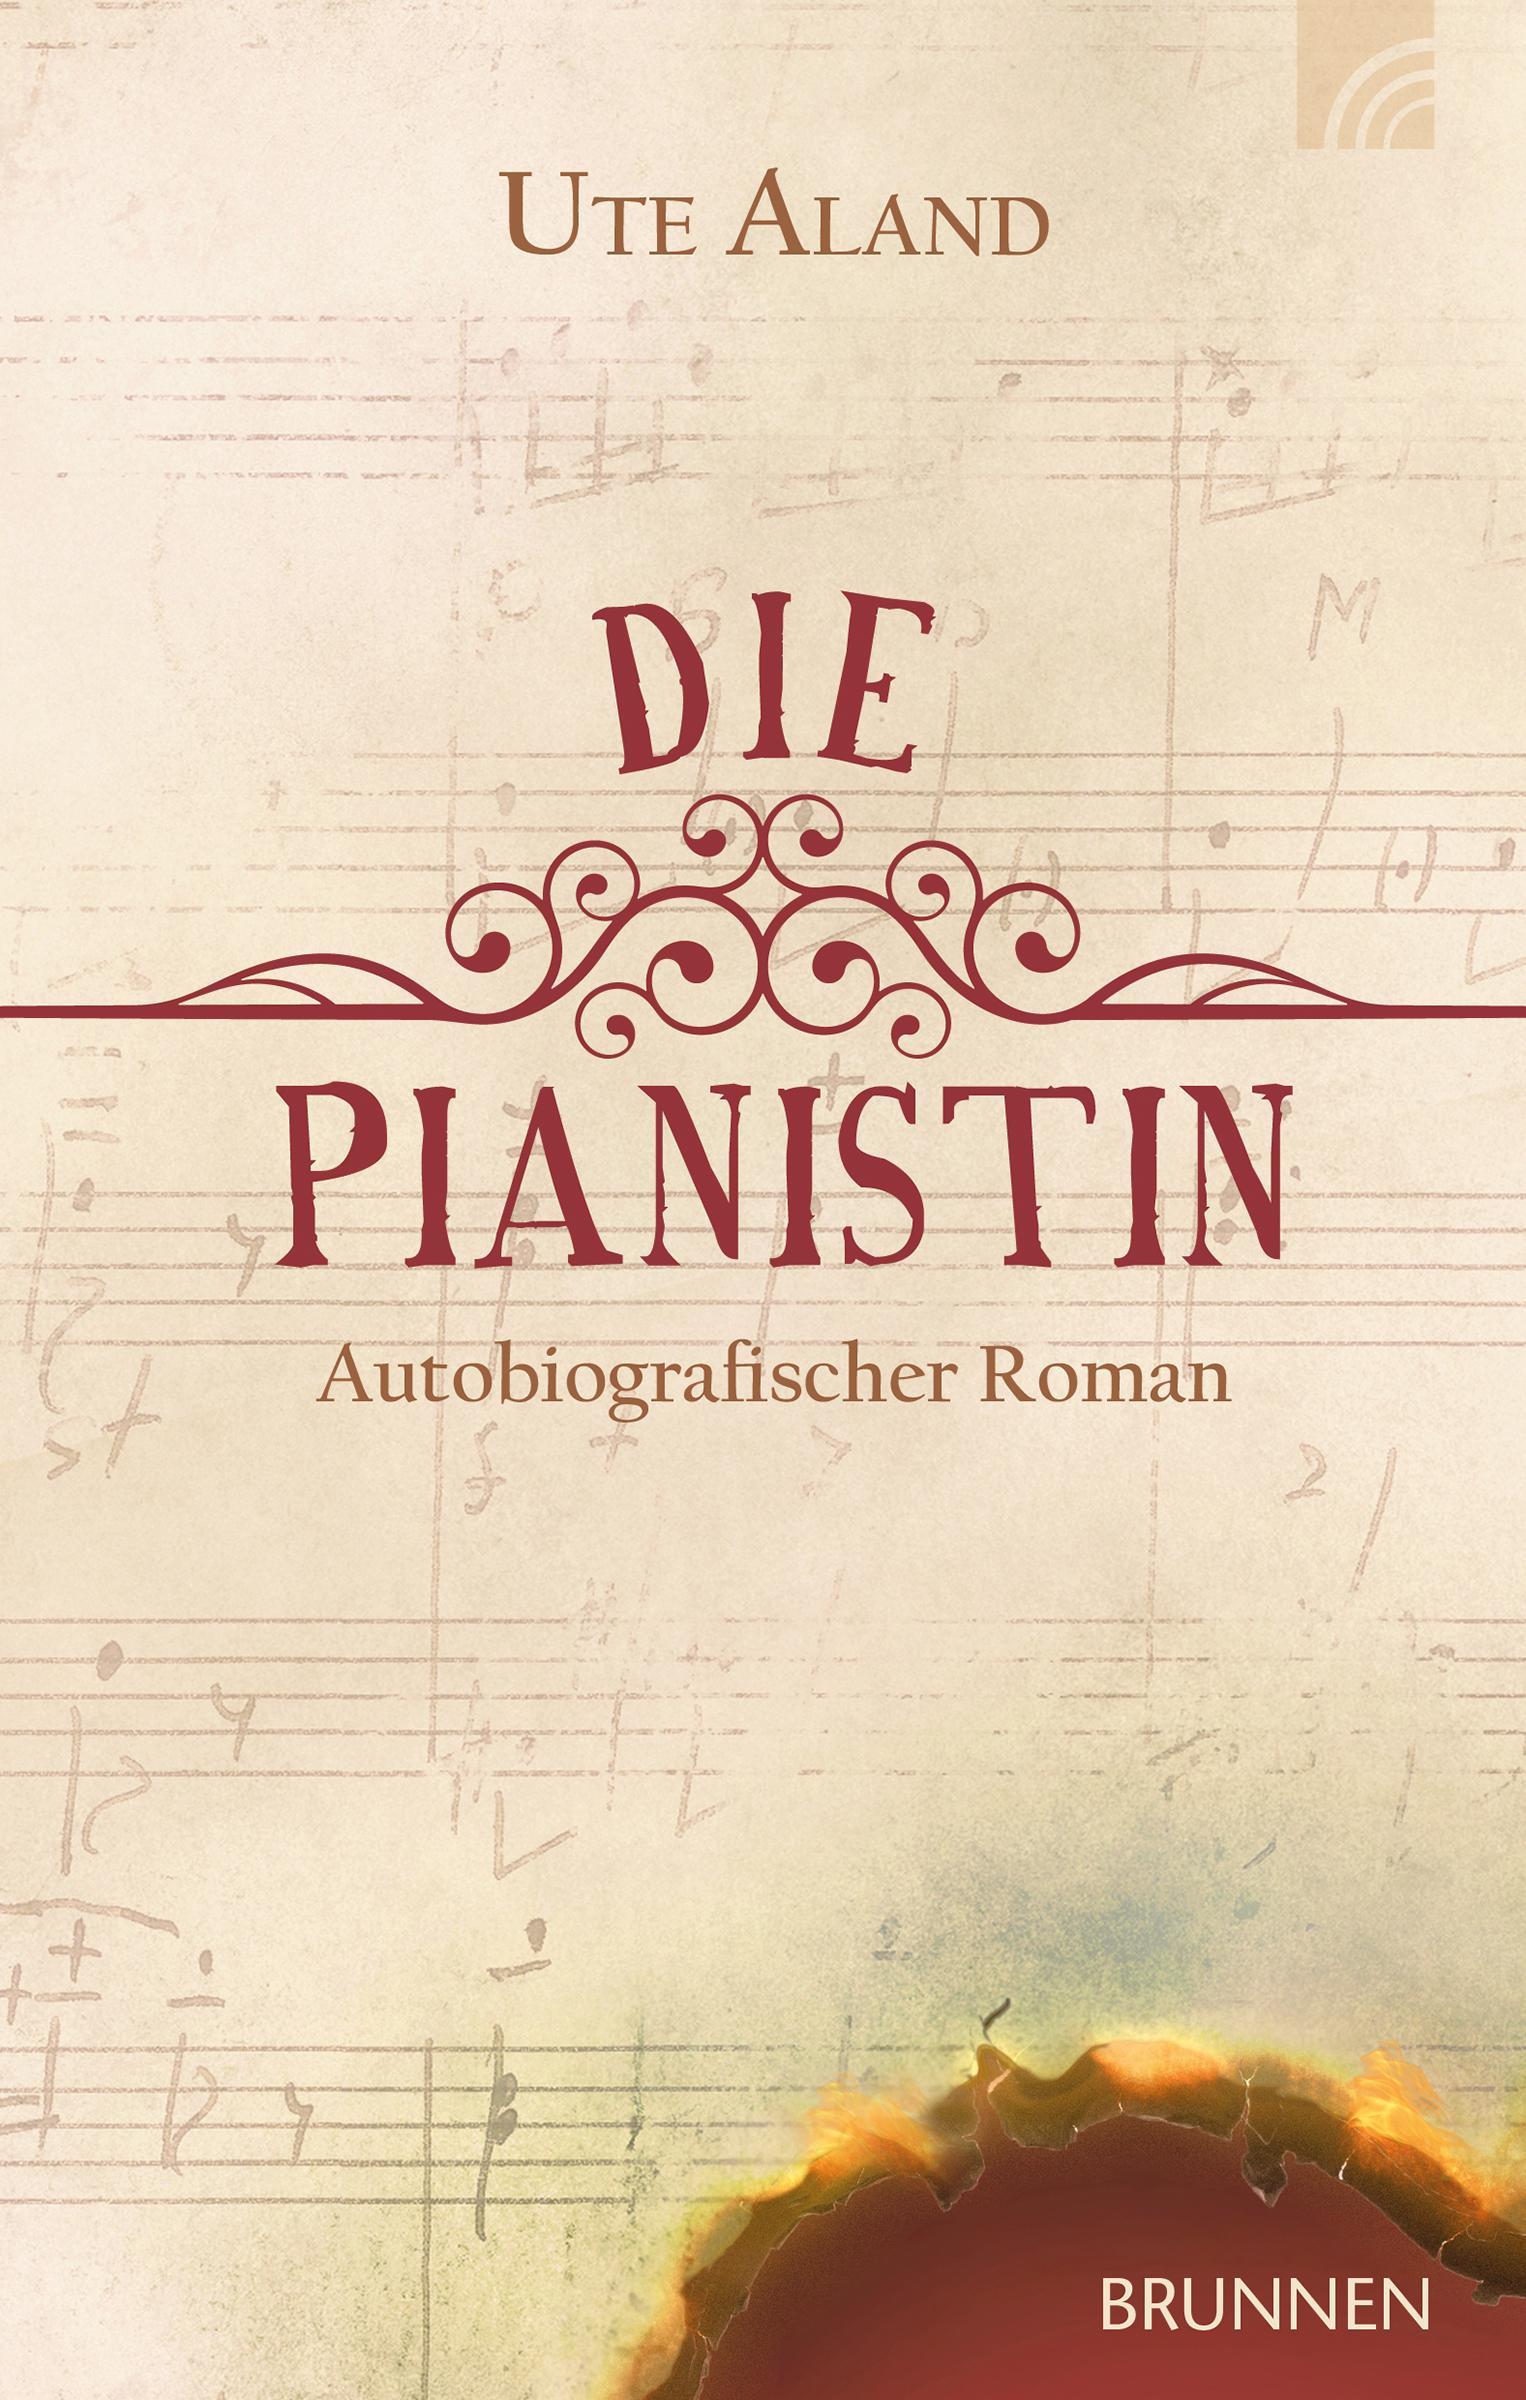 Die Pianistin   Ute Aland    9783765509445